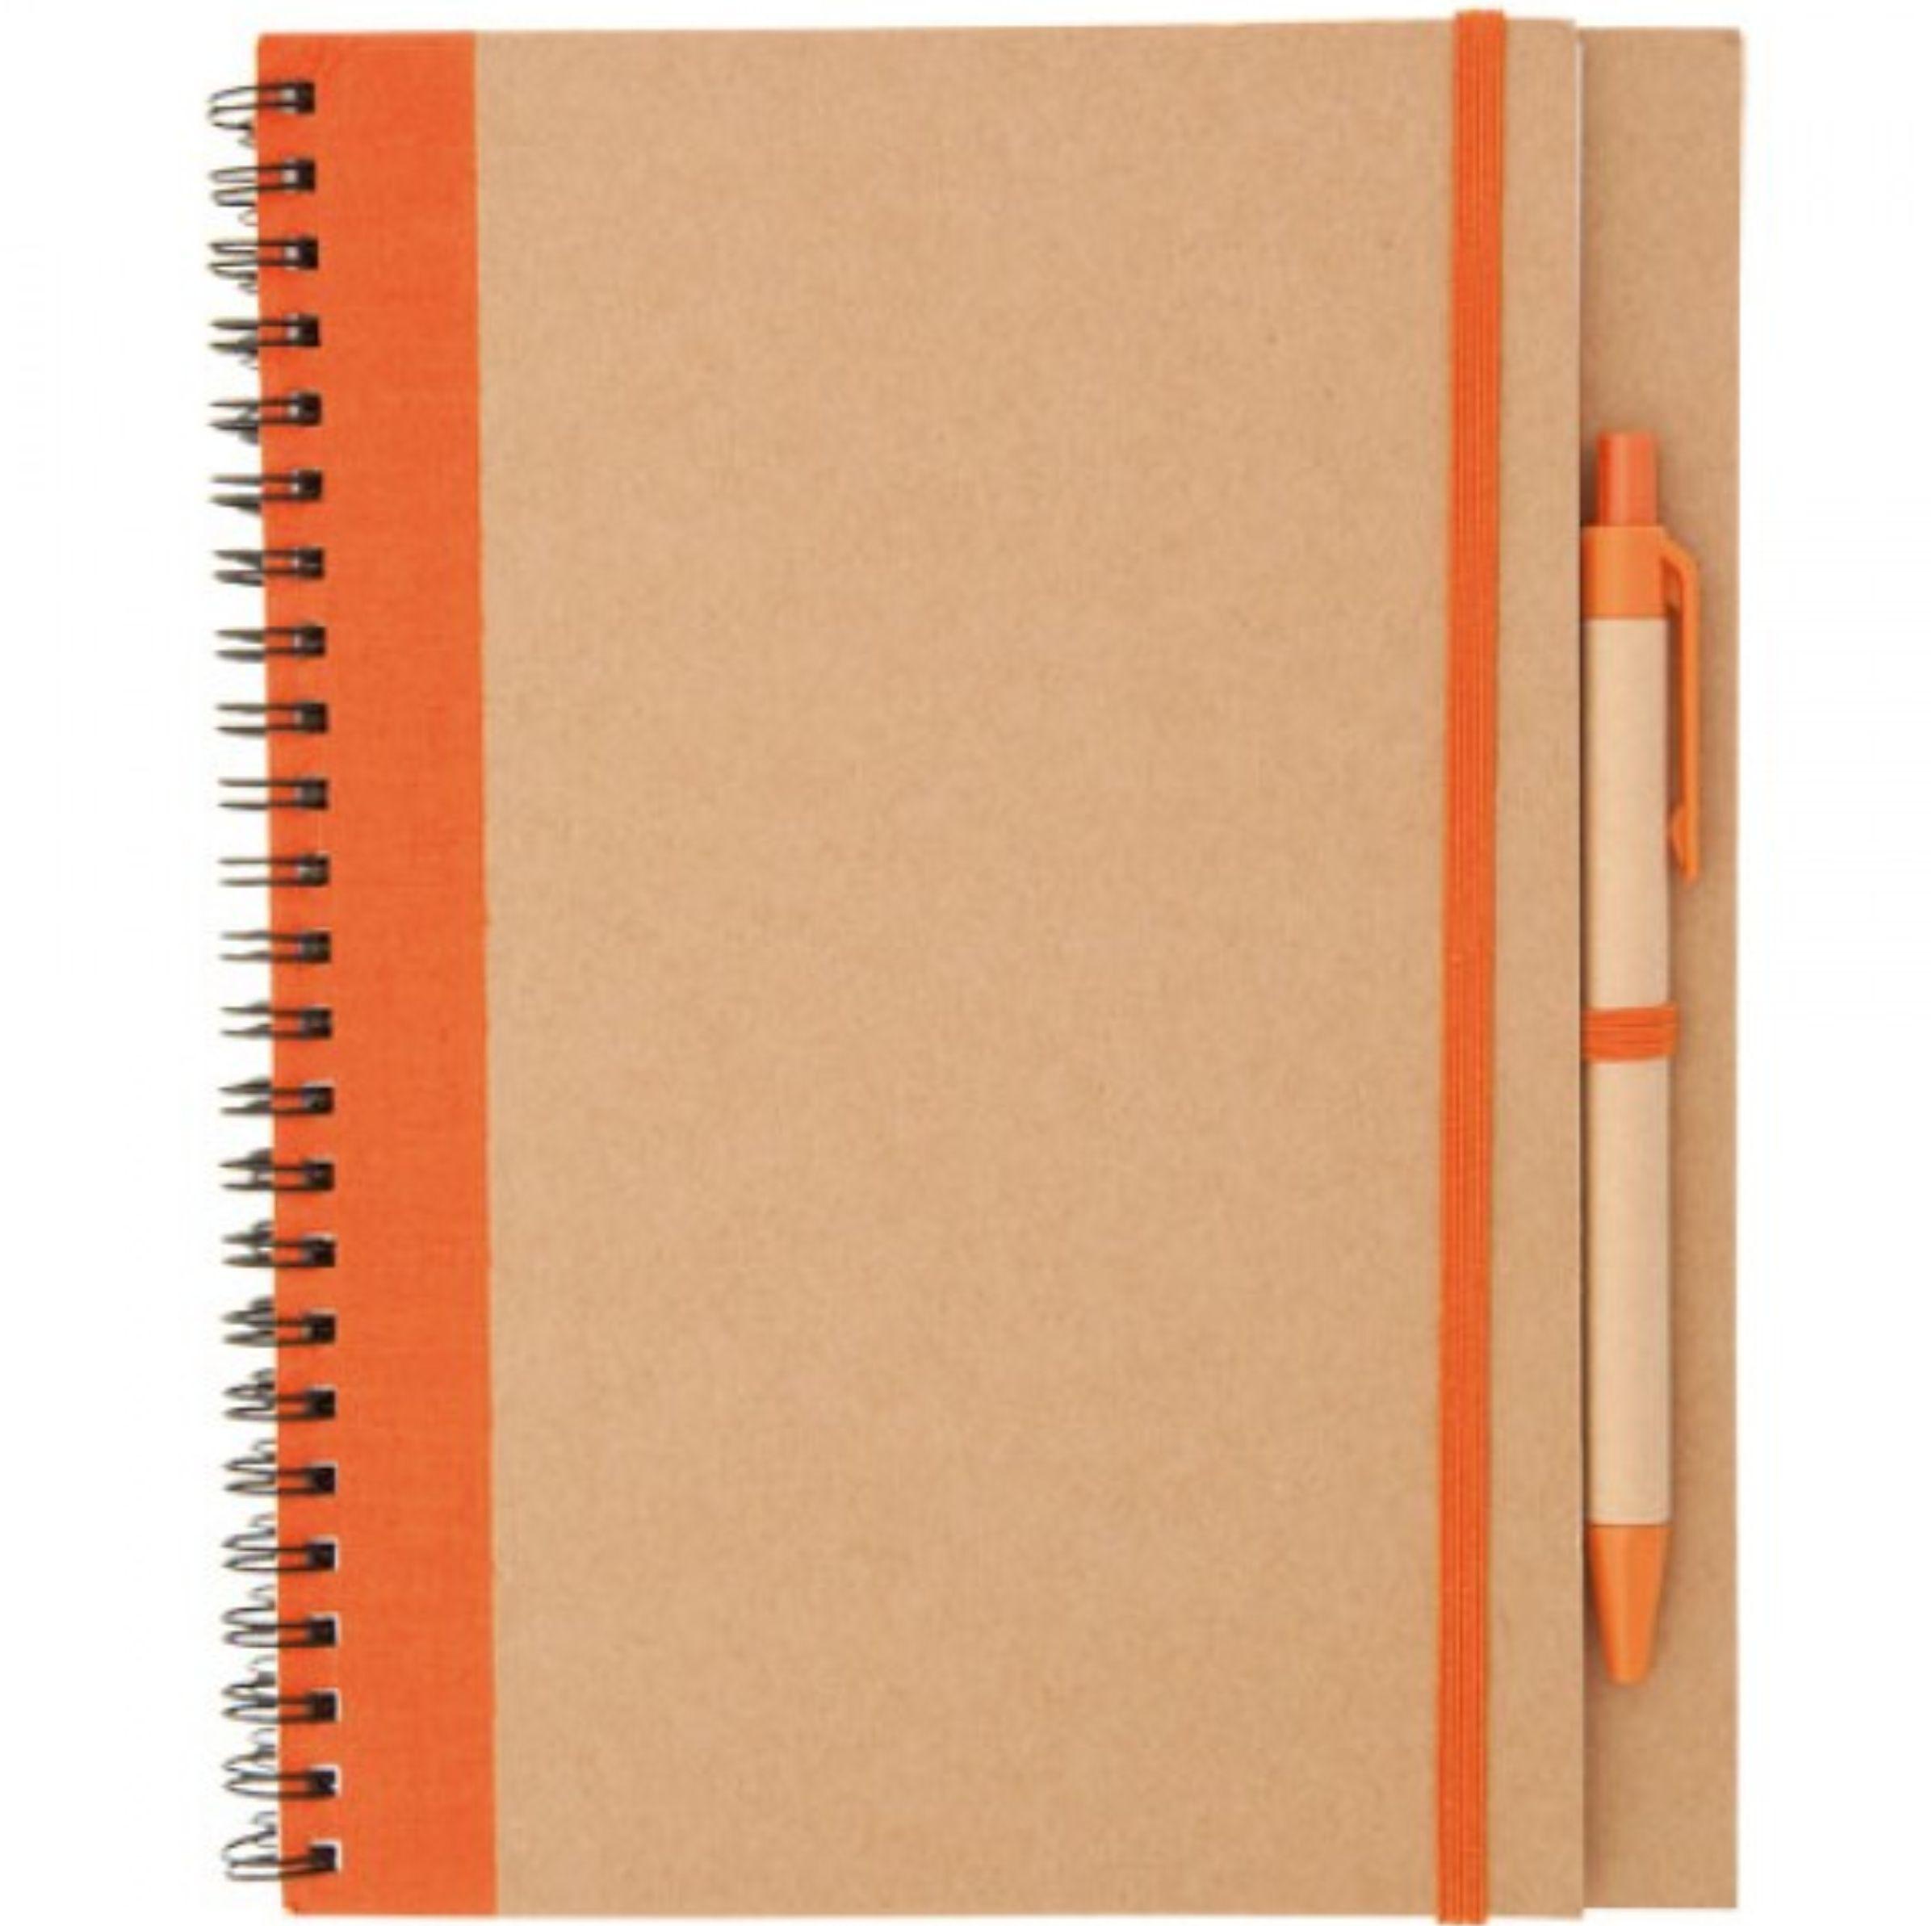 эко блокноты с ручкой оптом